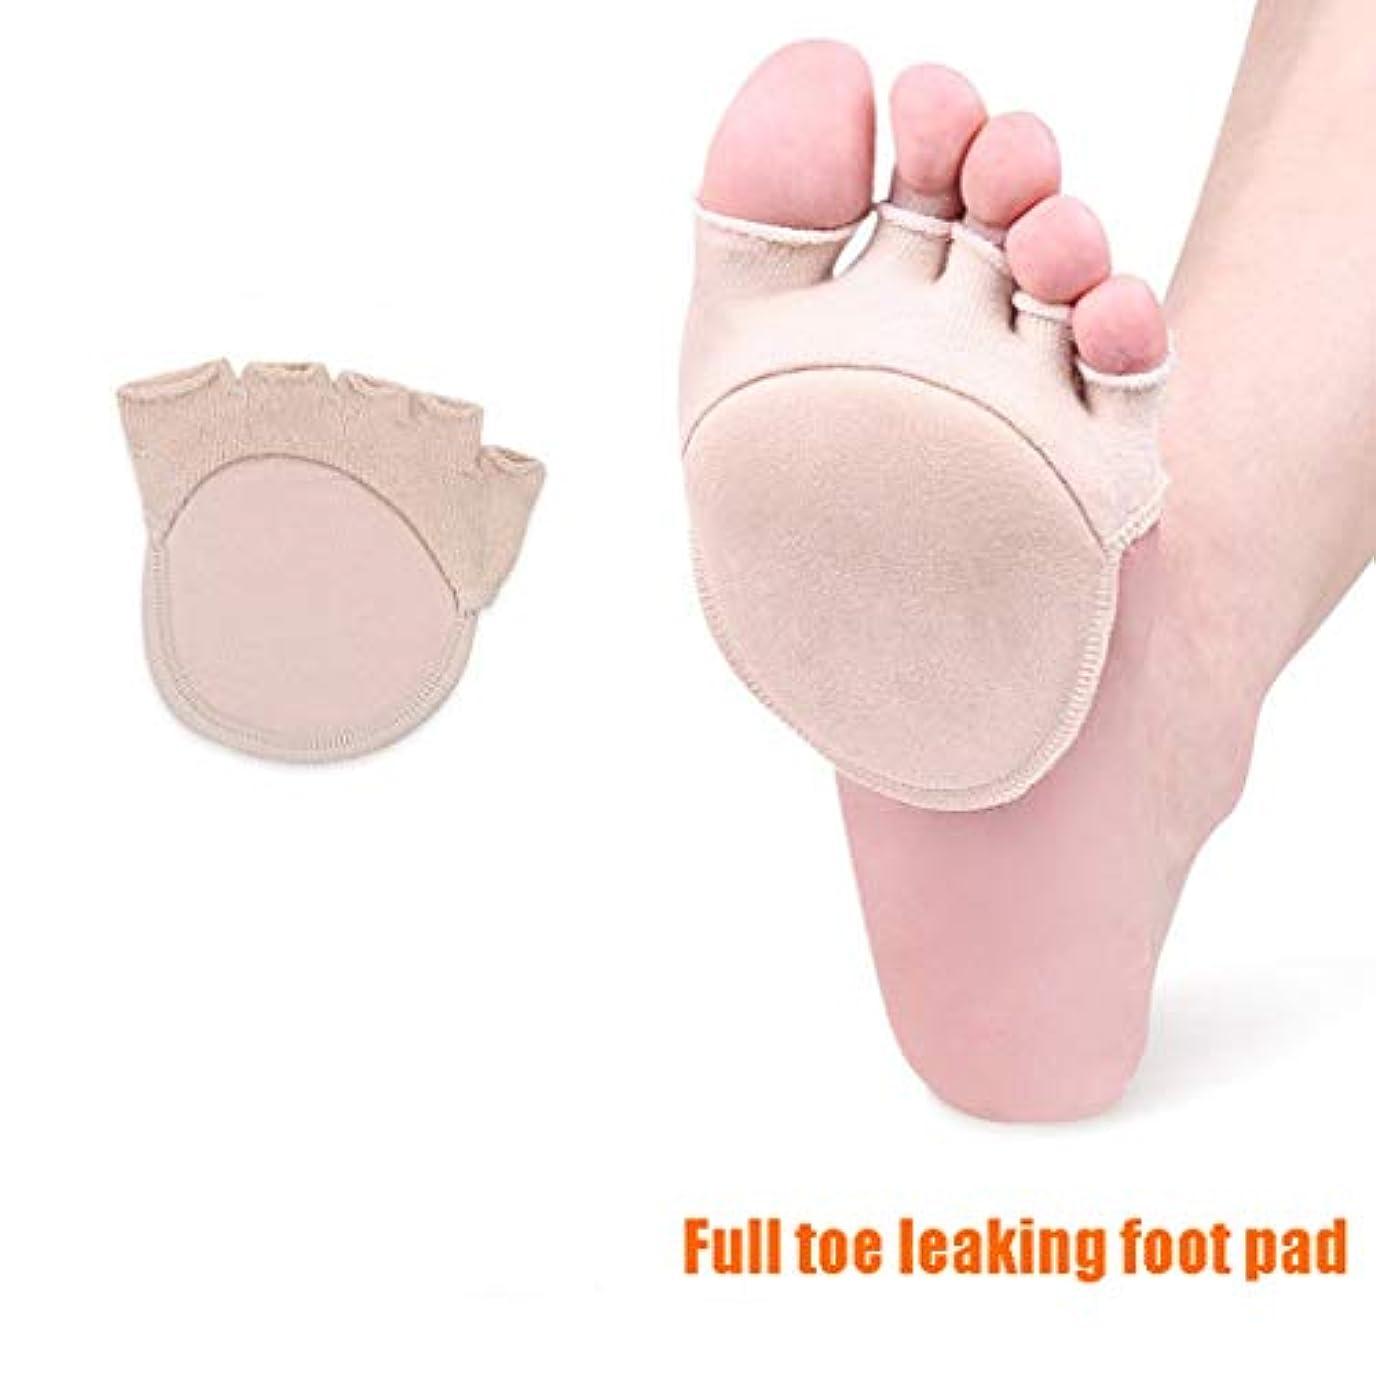 責め買い物に行く写真足底筋膜炎の治療、5本のつま先のつま先のデザイン、中足の痛みに適した固定スリップ、足の痛みの底,Flesh,Onesize